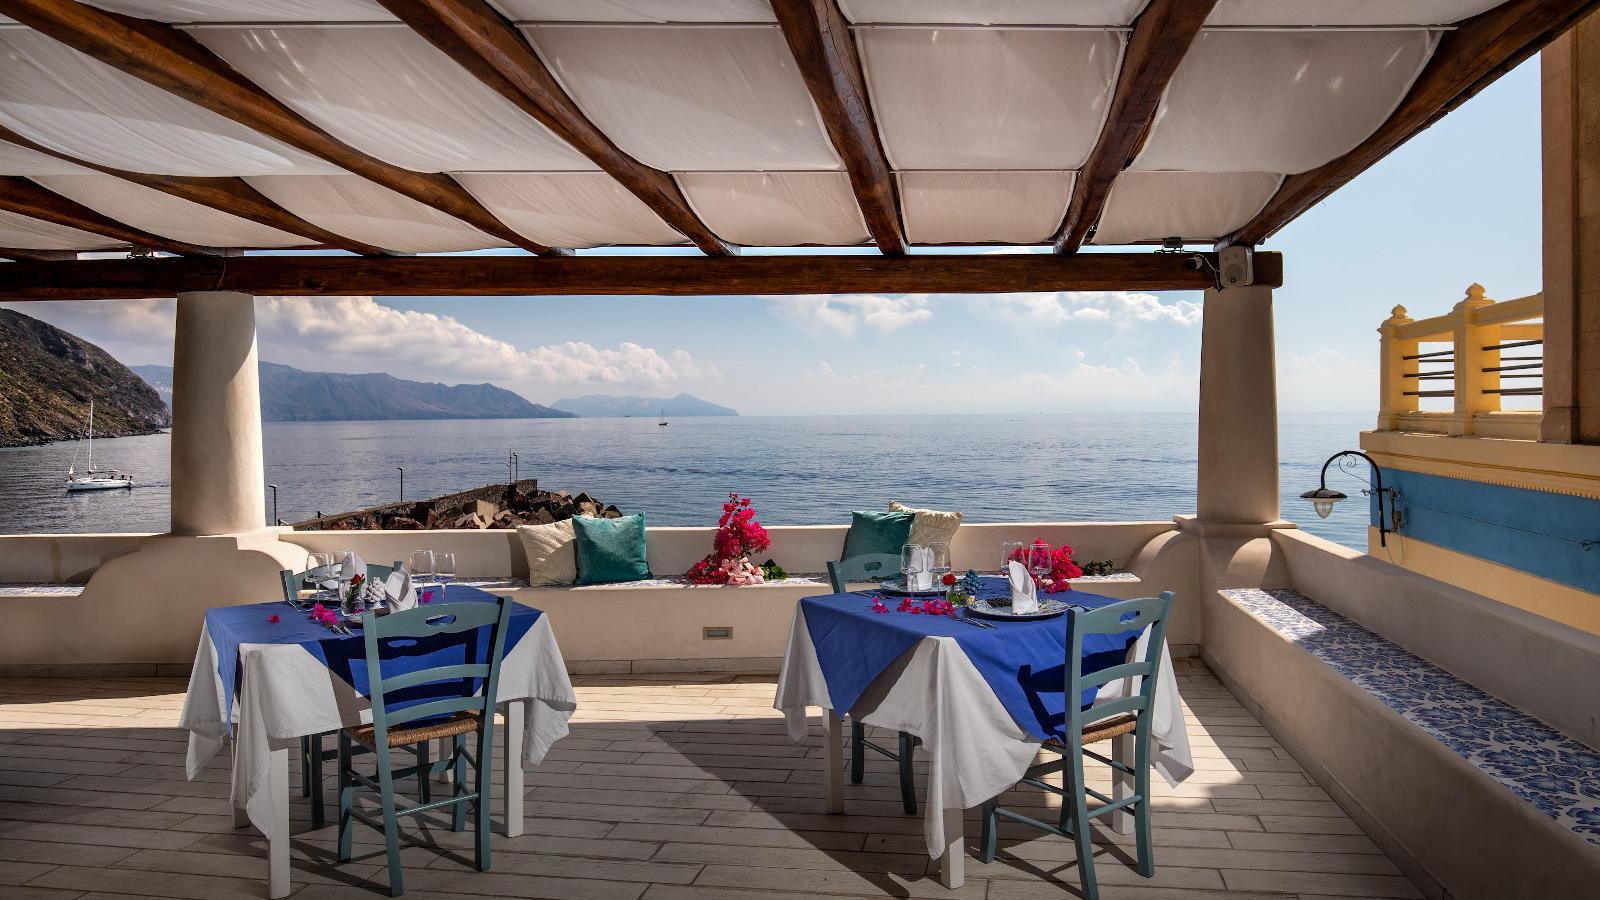 Ariana_Hotel_Isole_Eolie_UNA_Esperienze_restaurant_terrace